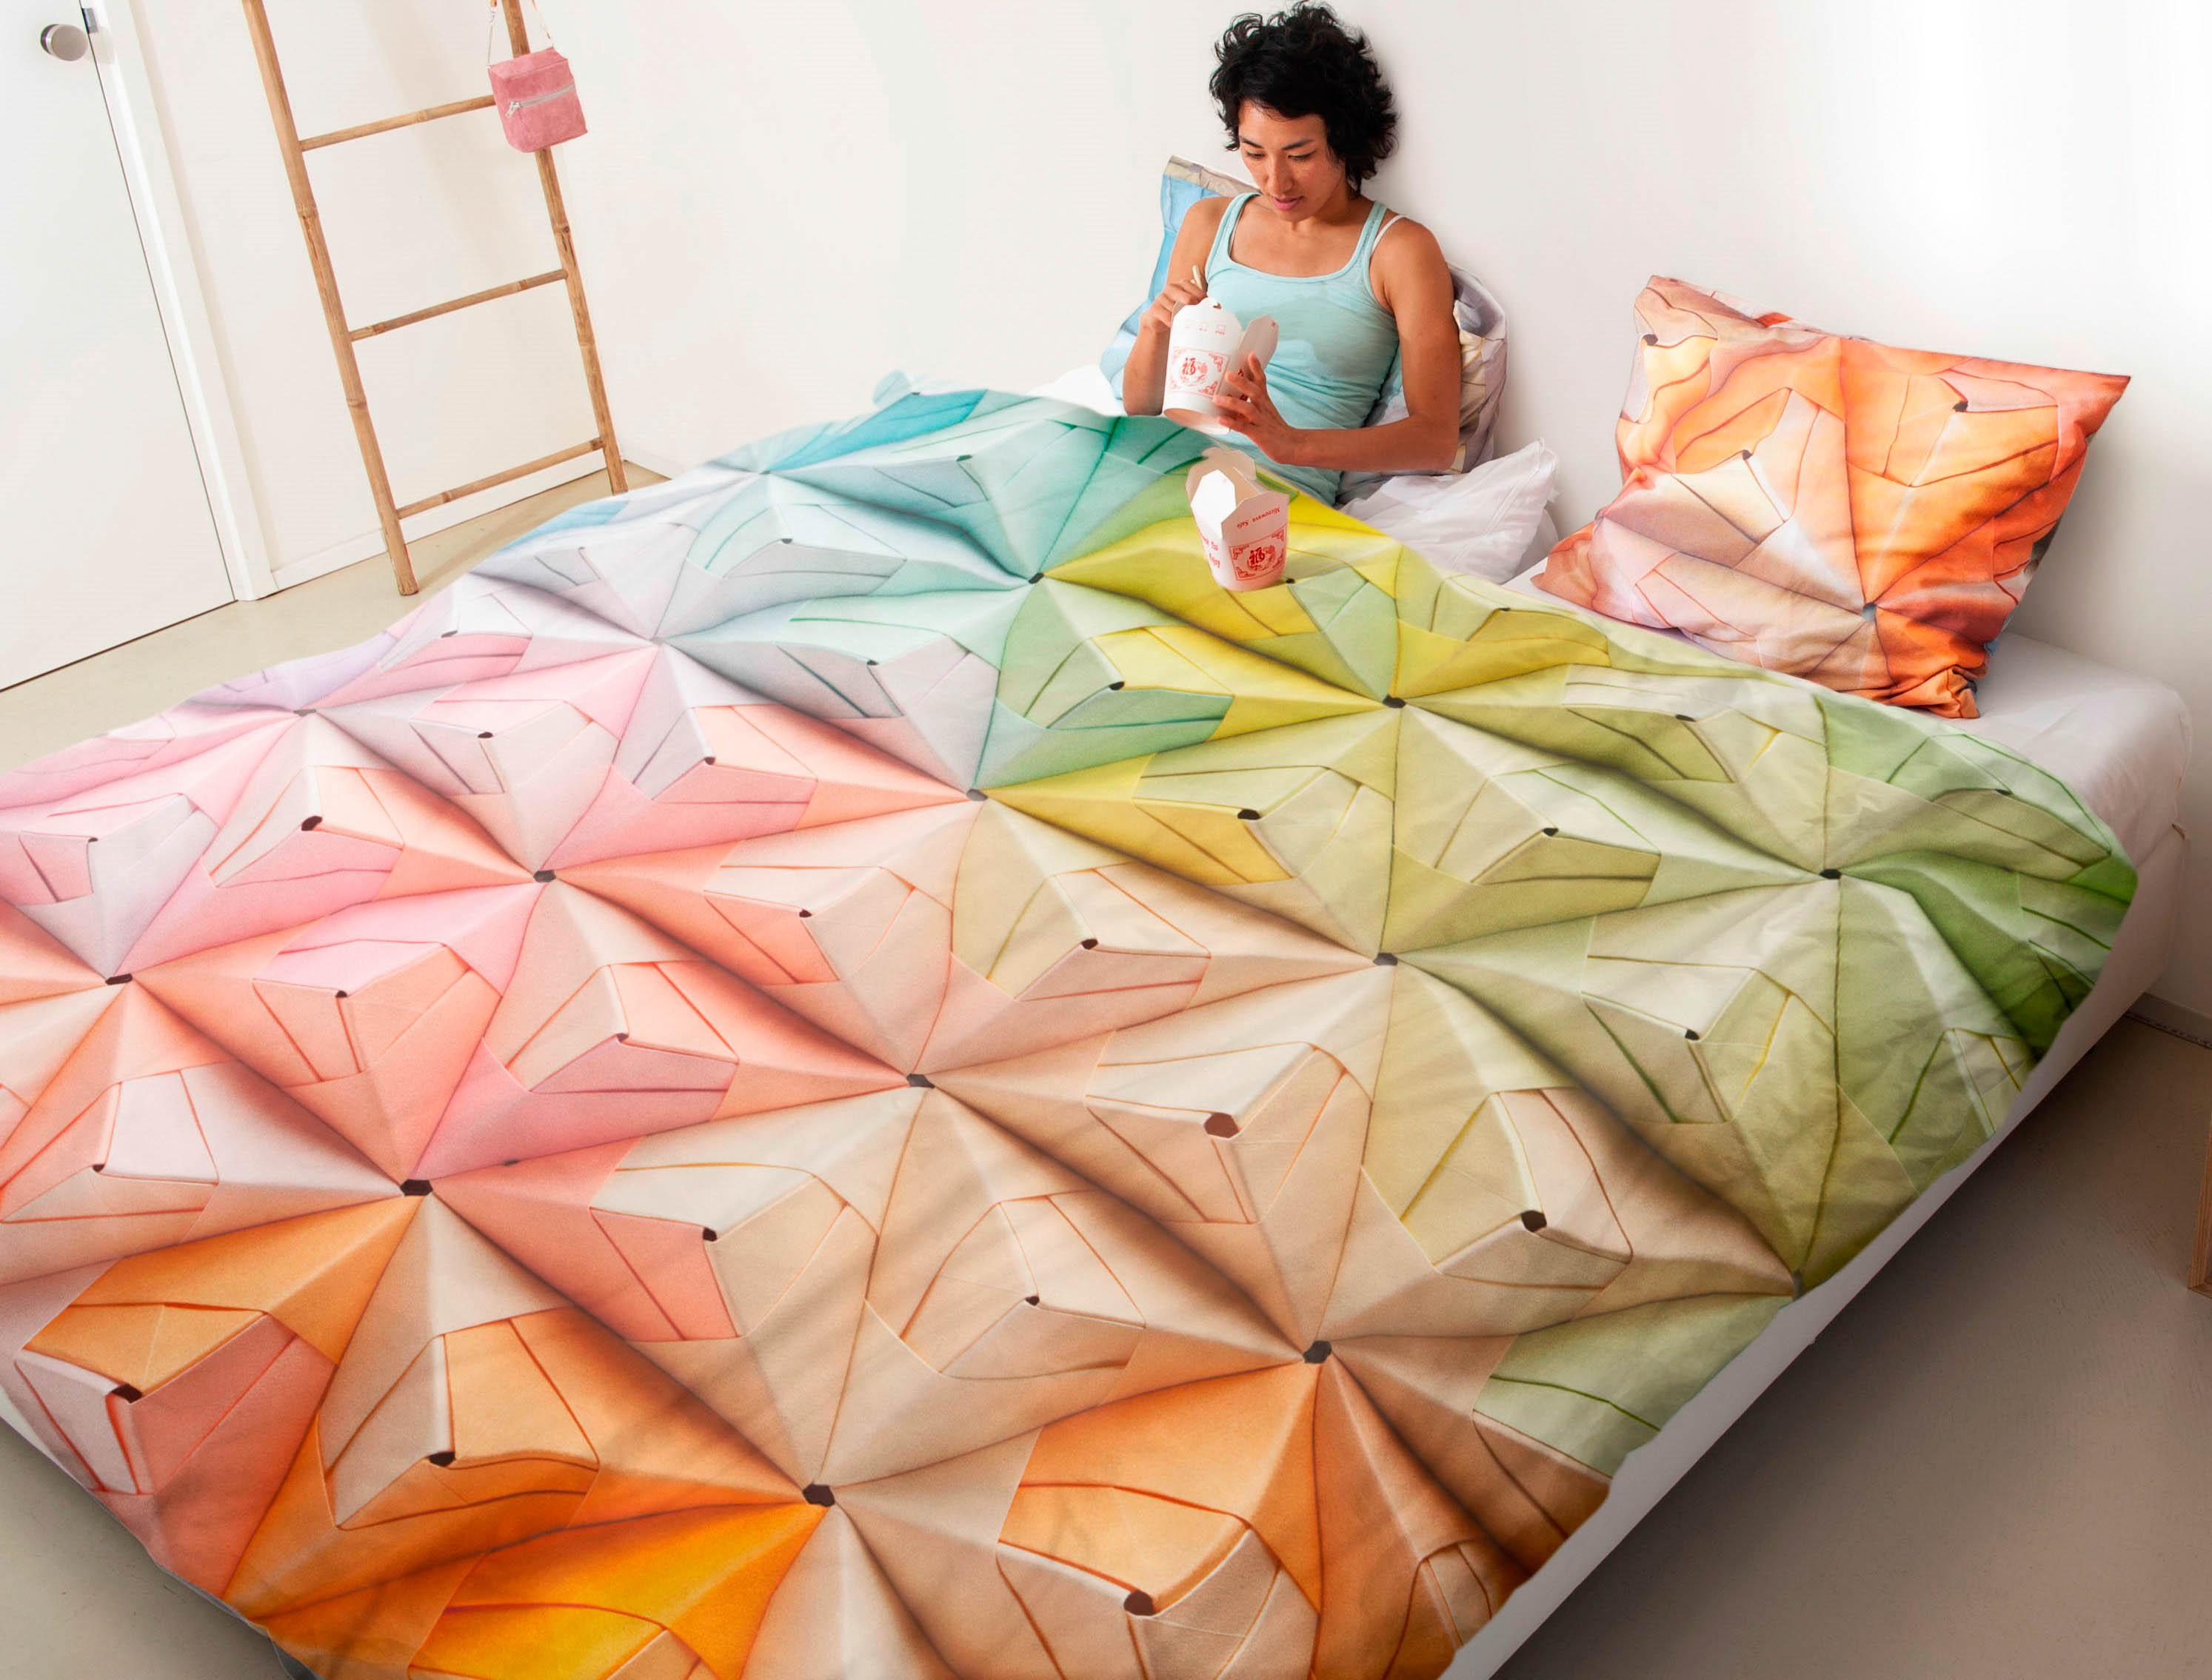 Купить Комплекты постельного белья Snurk, Постельное белье Origami (150х200 см), Нидерланды, Голубой, Зеленый, Оранжевый, Розовый, Перкаль